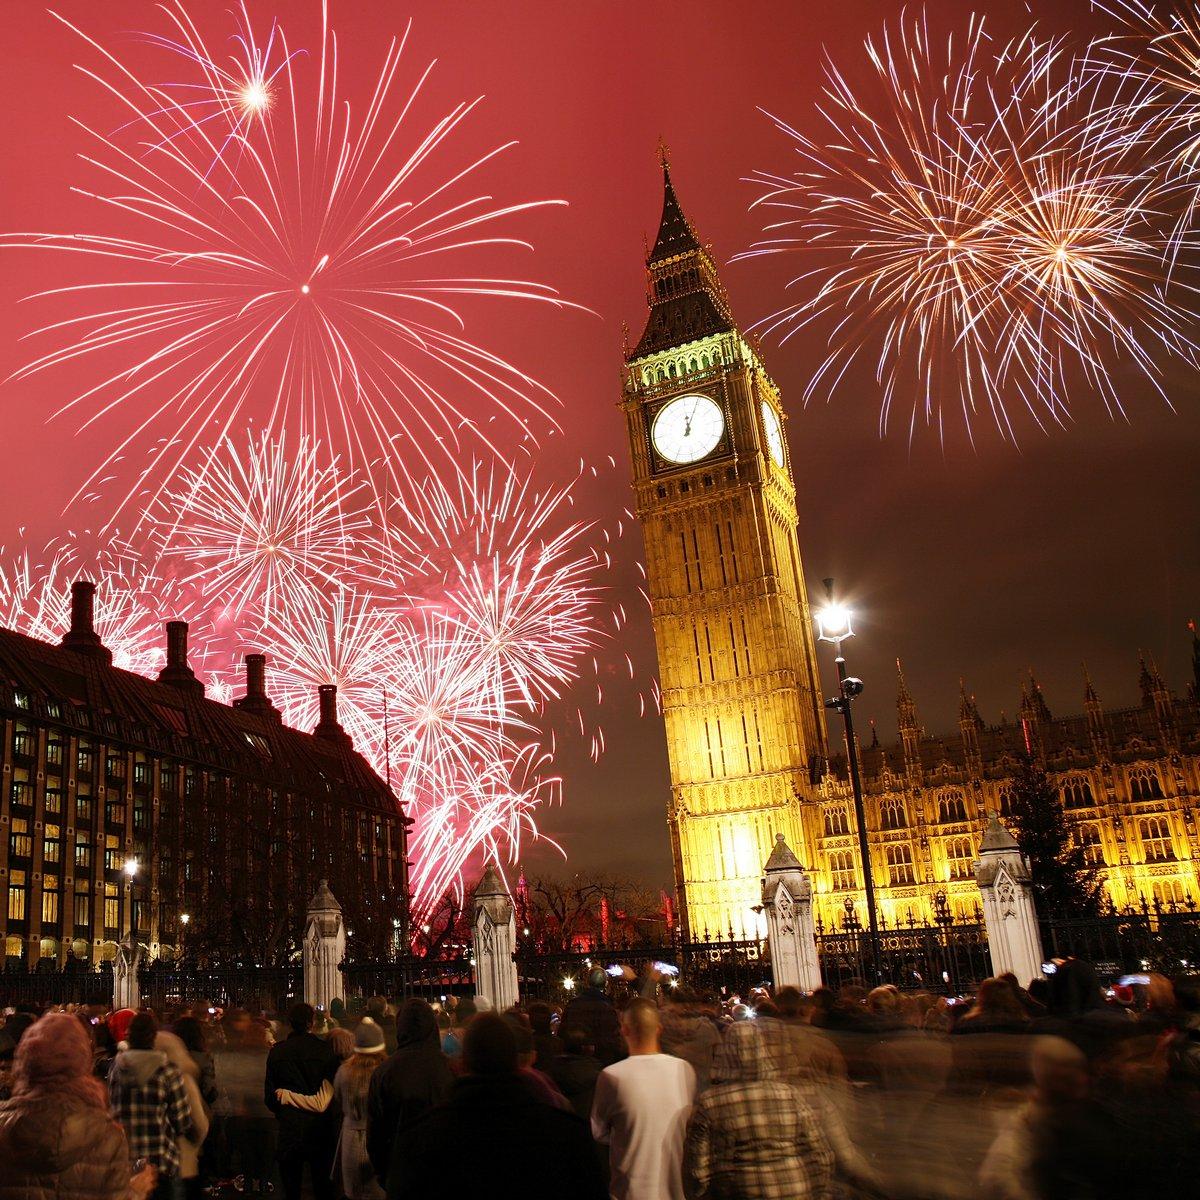 Все о новом годе в англии на английском языке